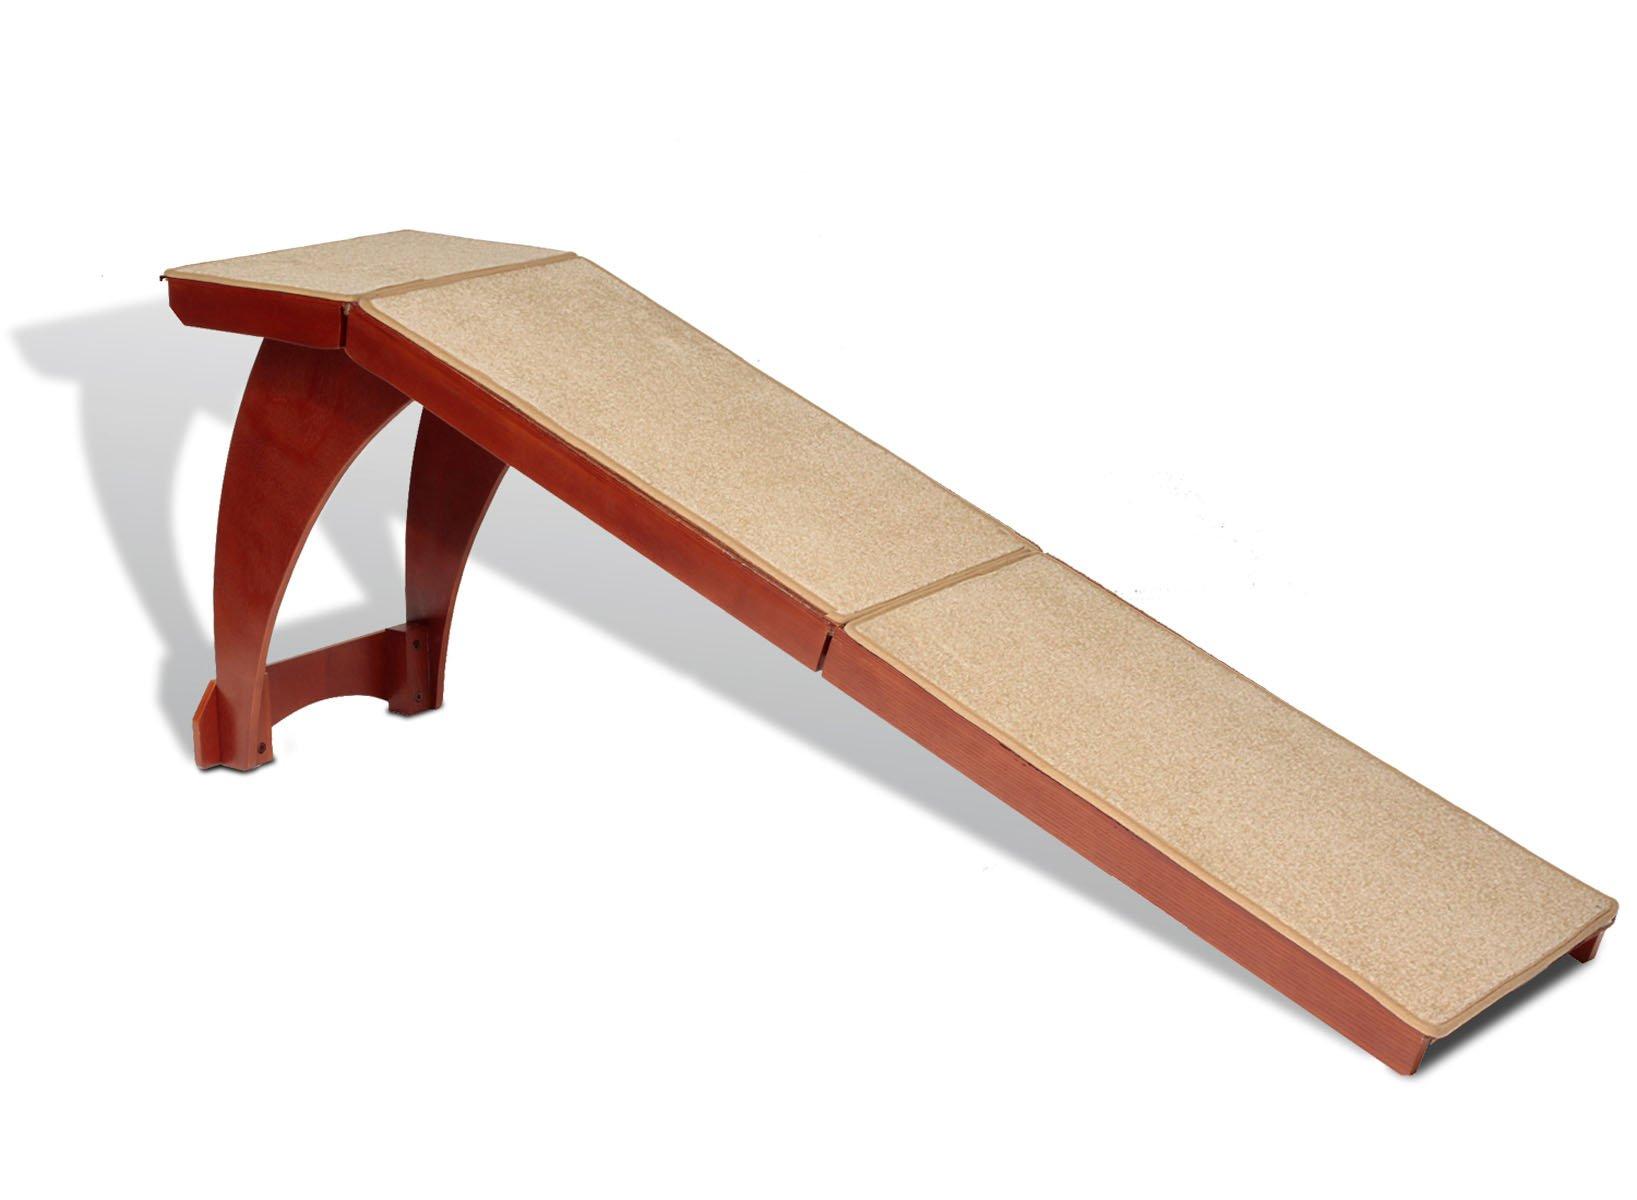 Solvit Wood Bedside Ramp by Solvit